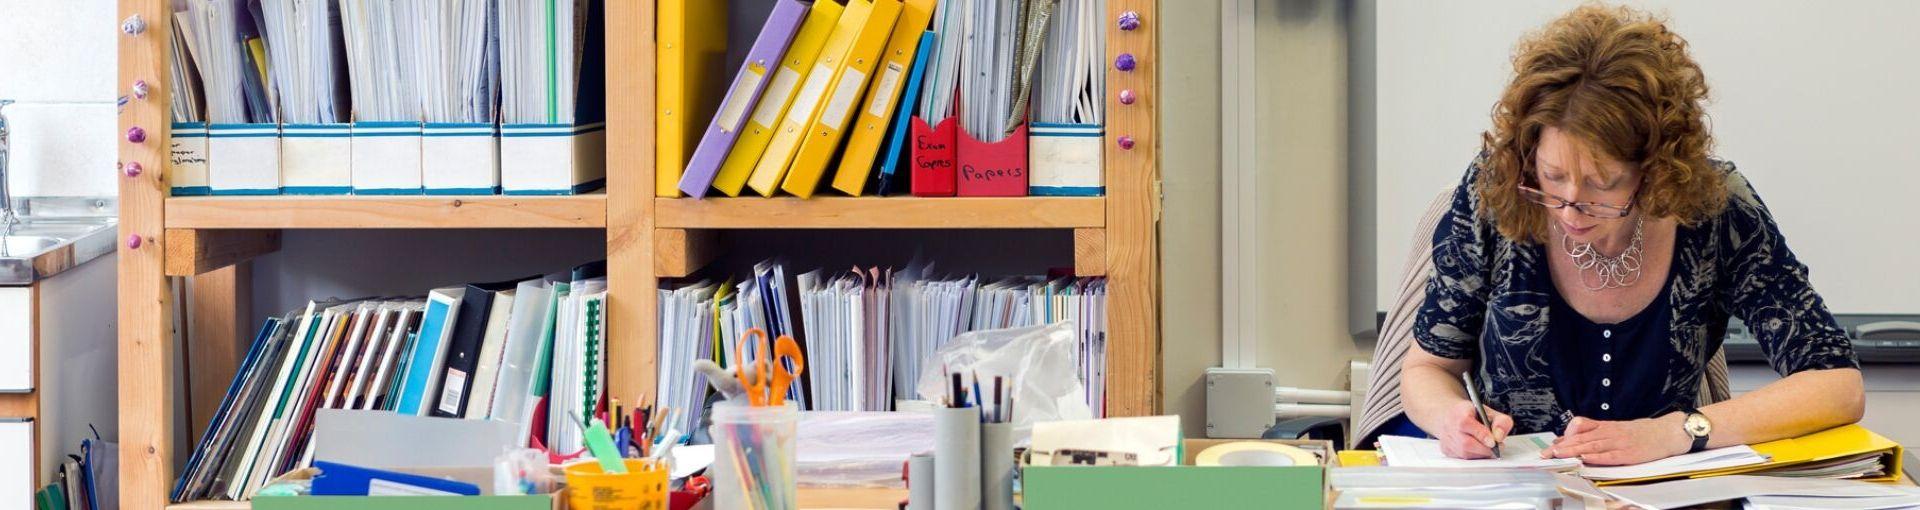 Photo of a teacher working